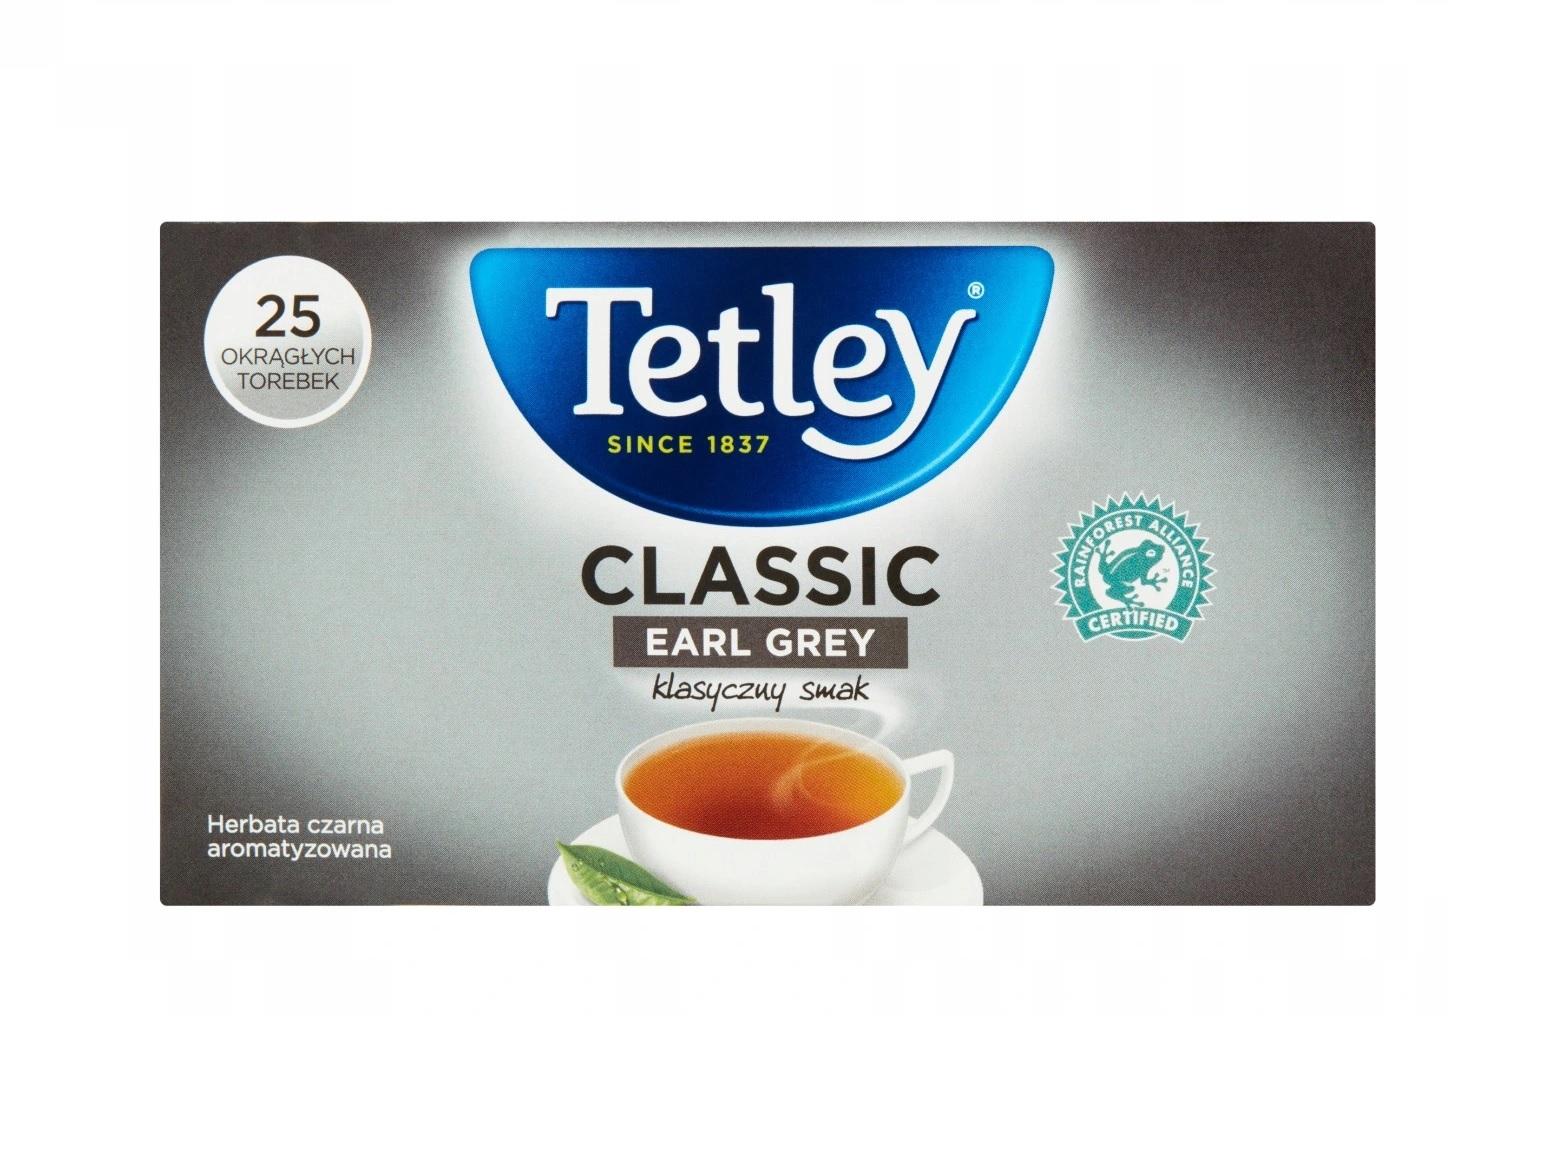 tetley classic earl grey 25